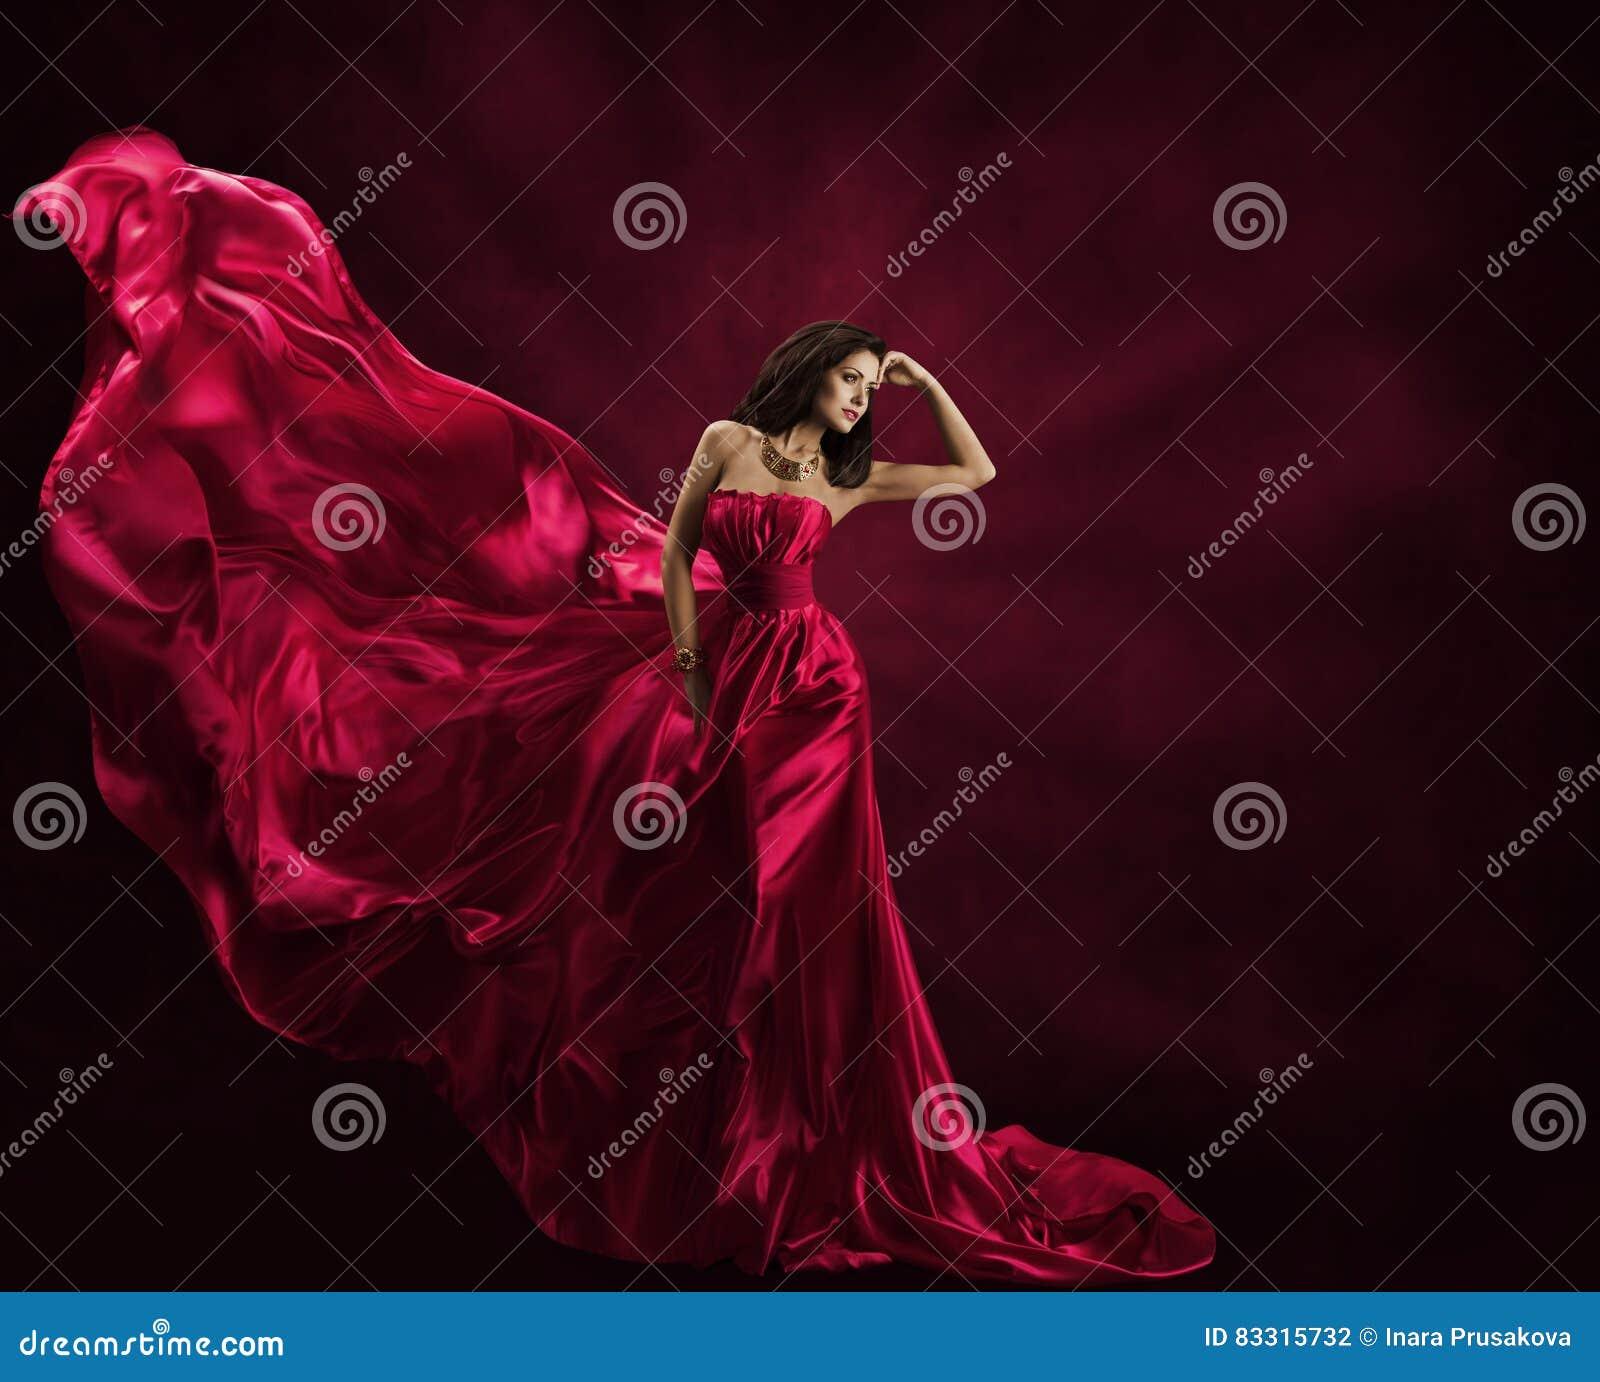 Πρότυπο φόρεμα μόδας, γυναίκα στην πετώντας εσθήτα, κυματίζοντας ύφασμα μεταξιού